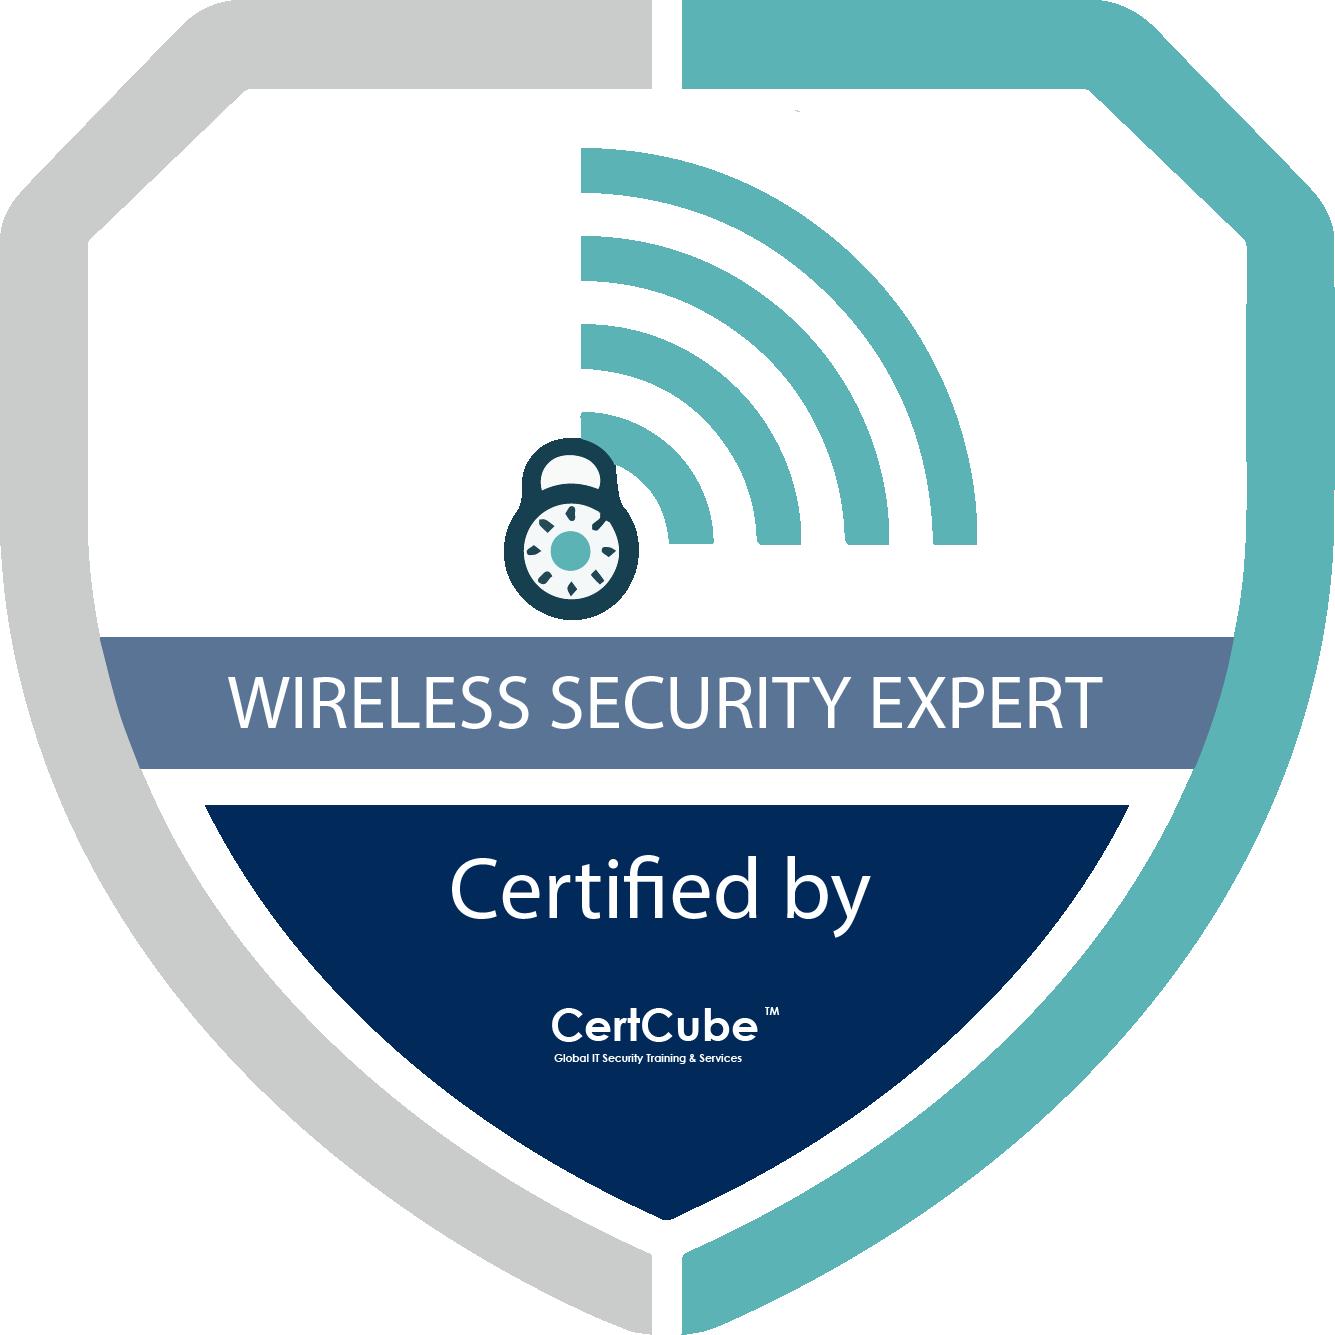 certcube wireless security expert 1